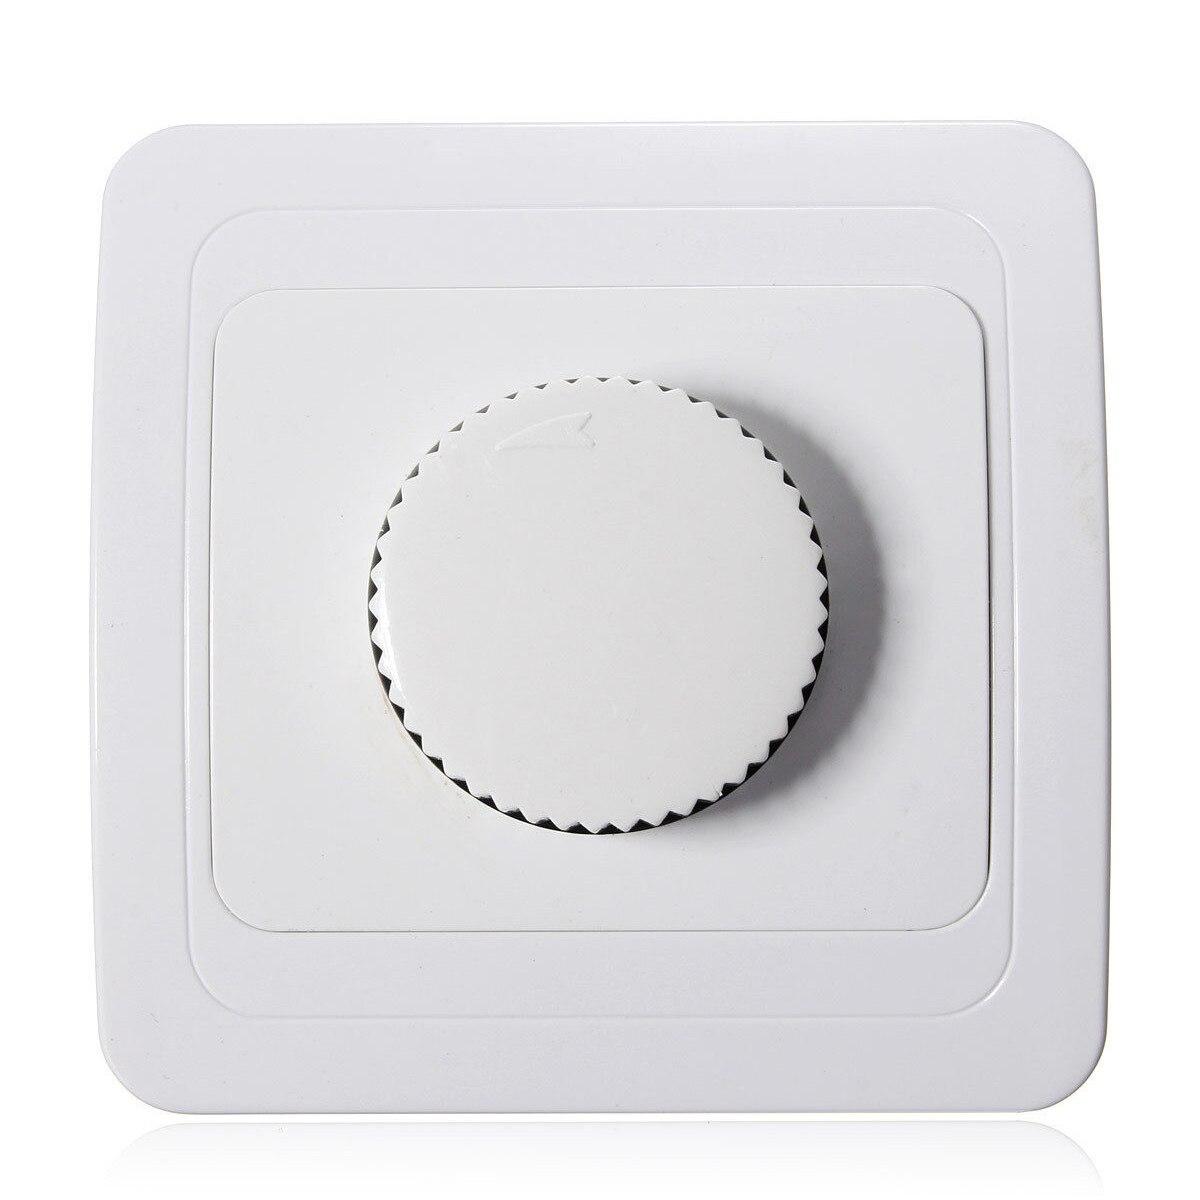 Dimmers ajustável controlador dimmer switch para Tipo de Item : Reguladordeluz